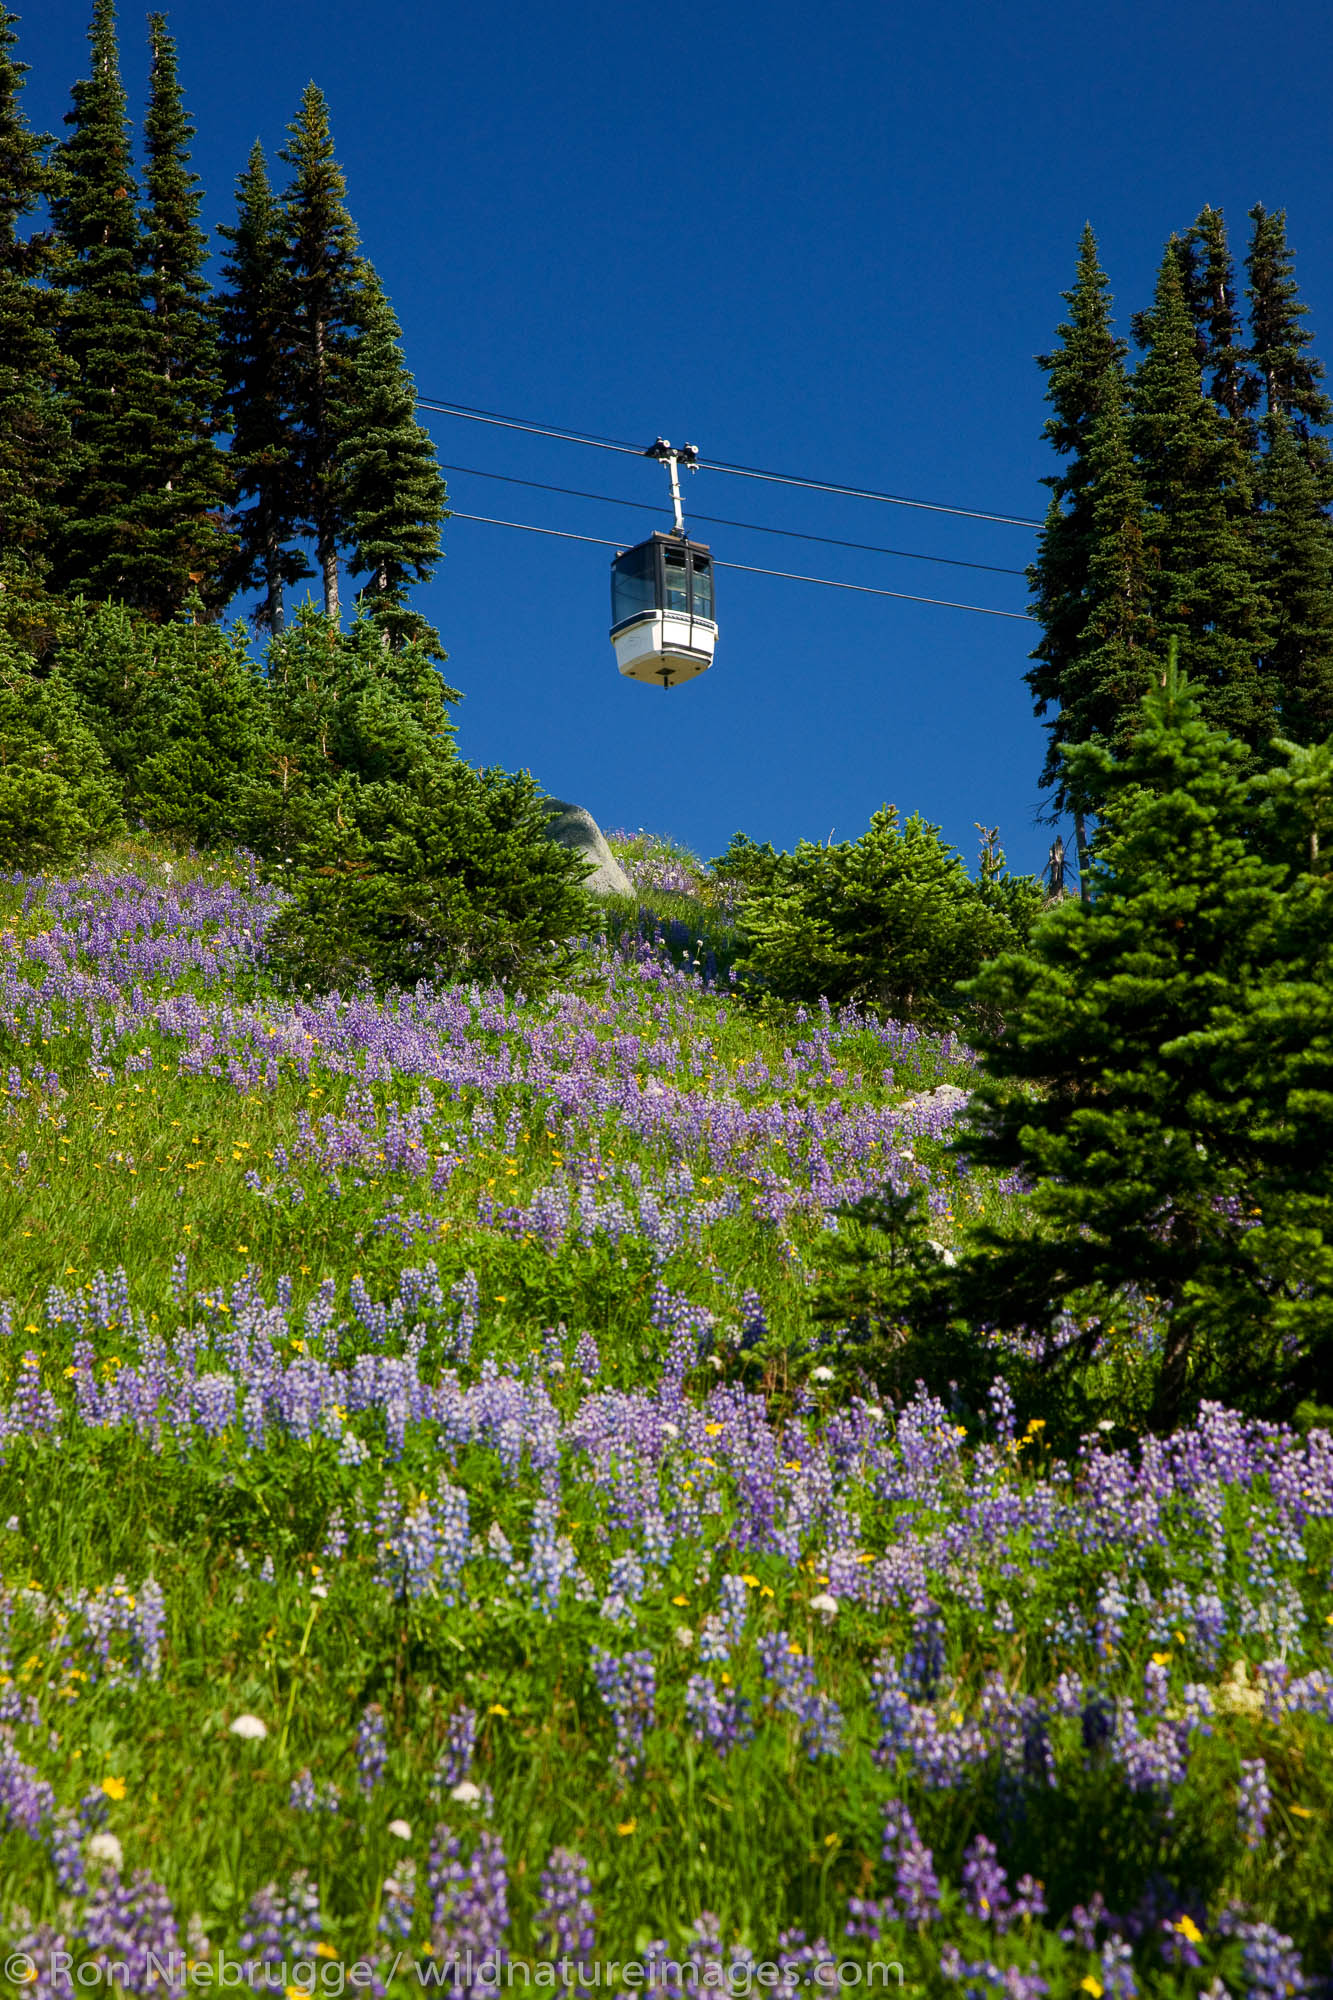 Whistler Village Gondola, Whistler Mountain, Whistler, British Columbia, Canada.